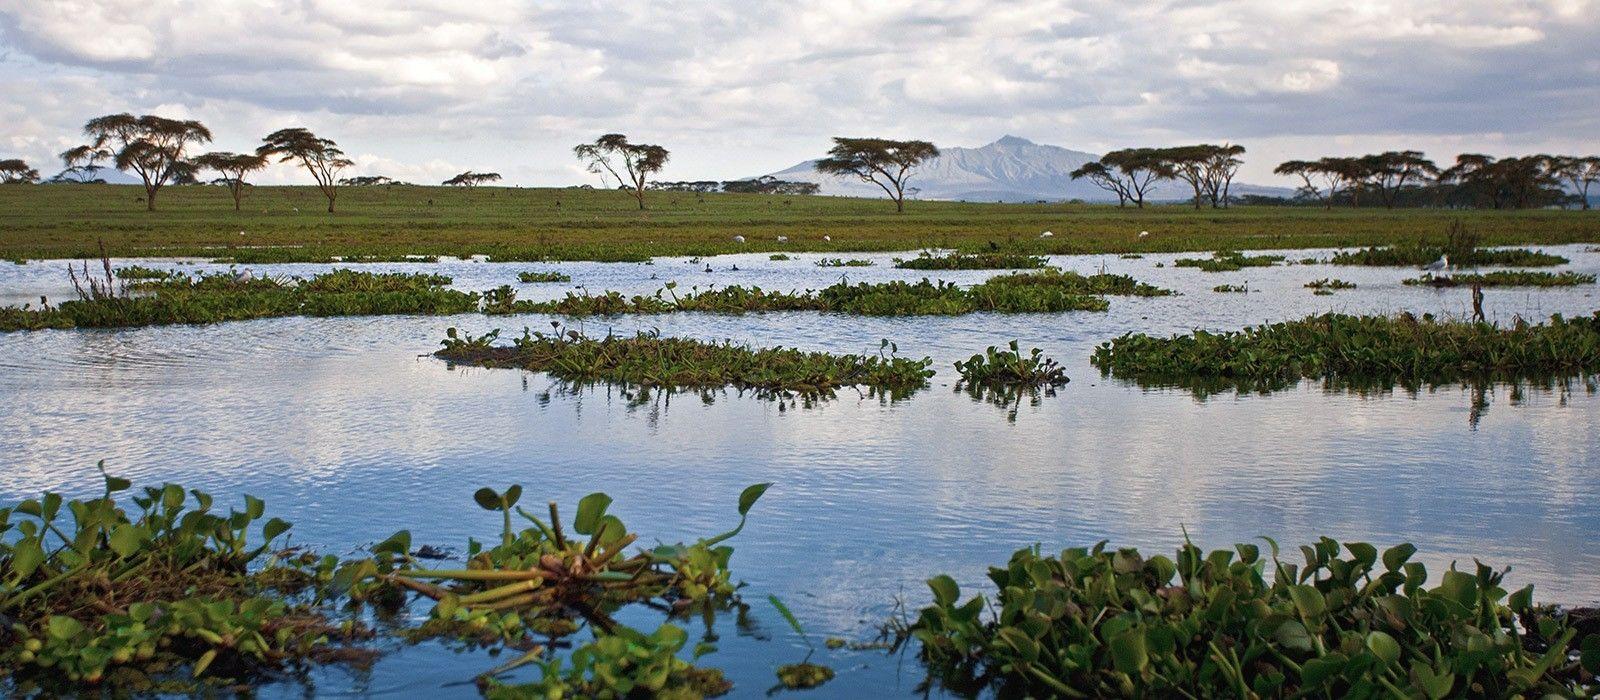 Von Kenia bis zur Gewürzinsel: Safari & Sansibar Urlaub 1